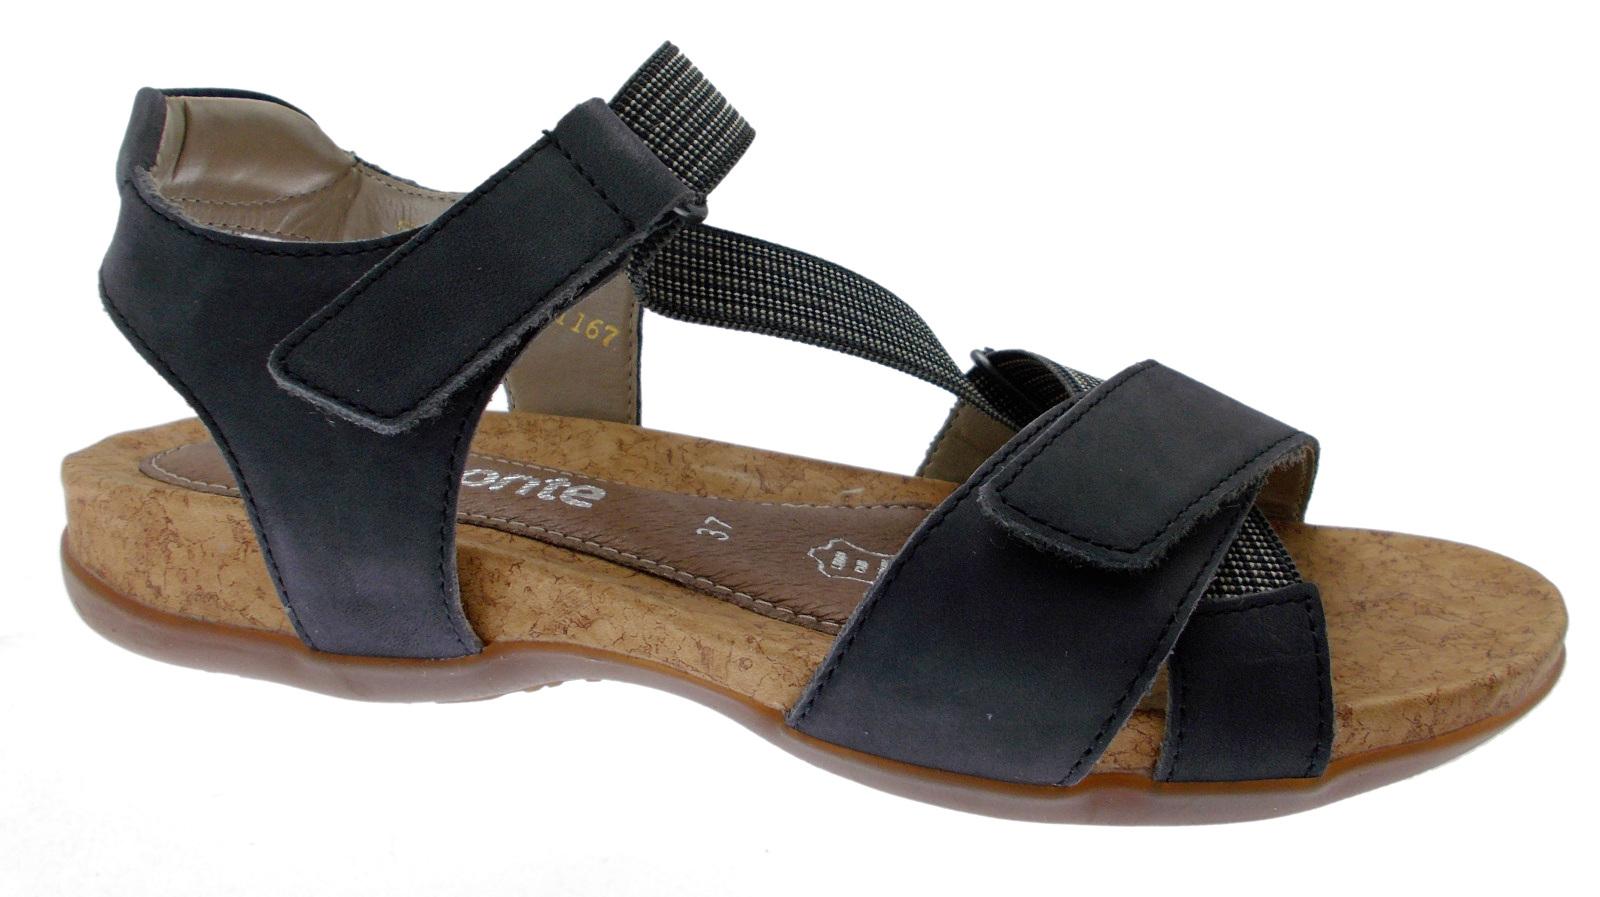 Memory Plantare Sandalo 14 R3257 Strappo Blu Remonte Donna Soft XBnq0